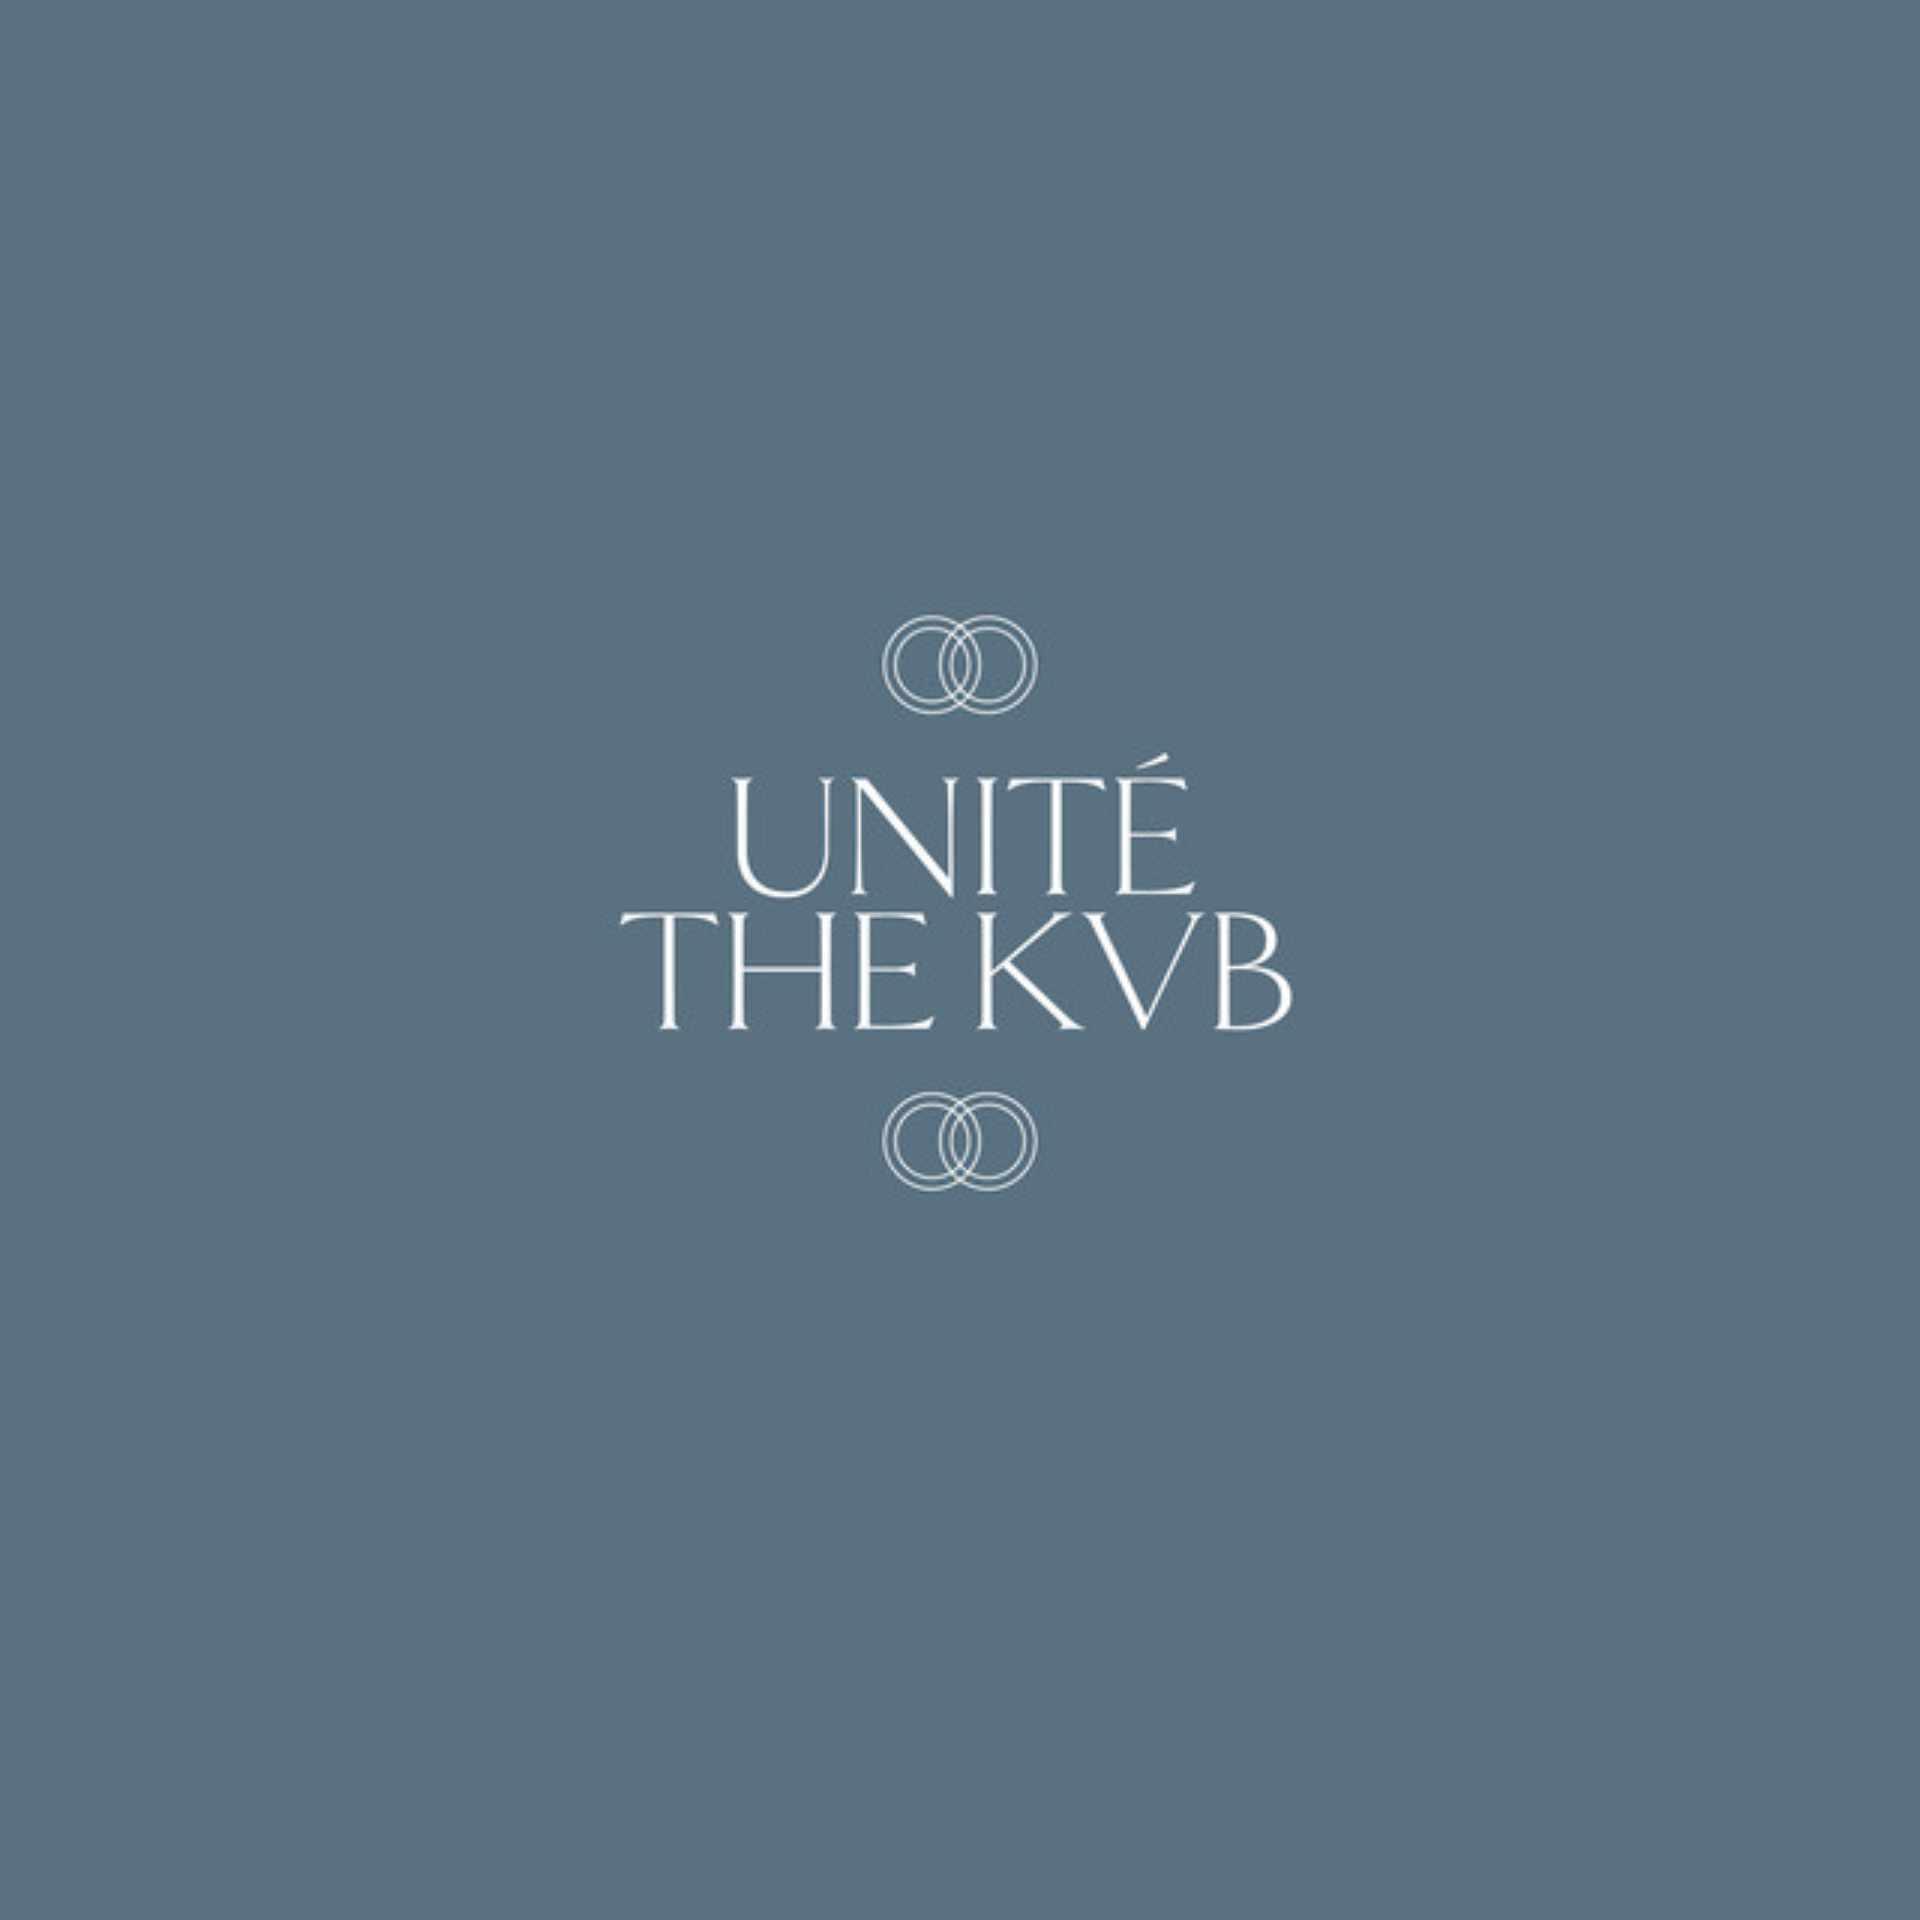 the kvb unite